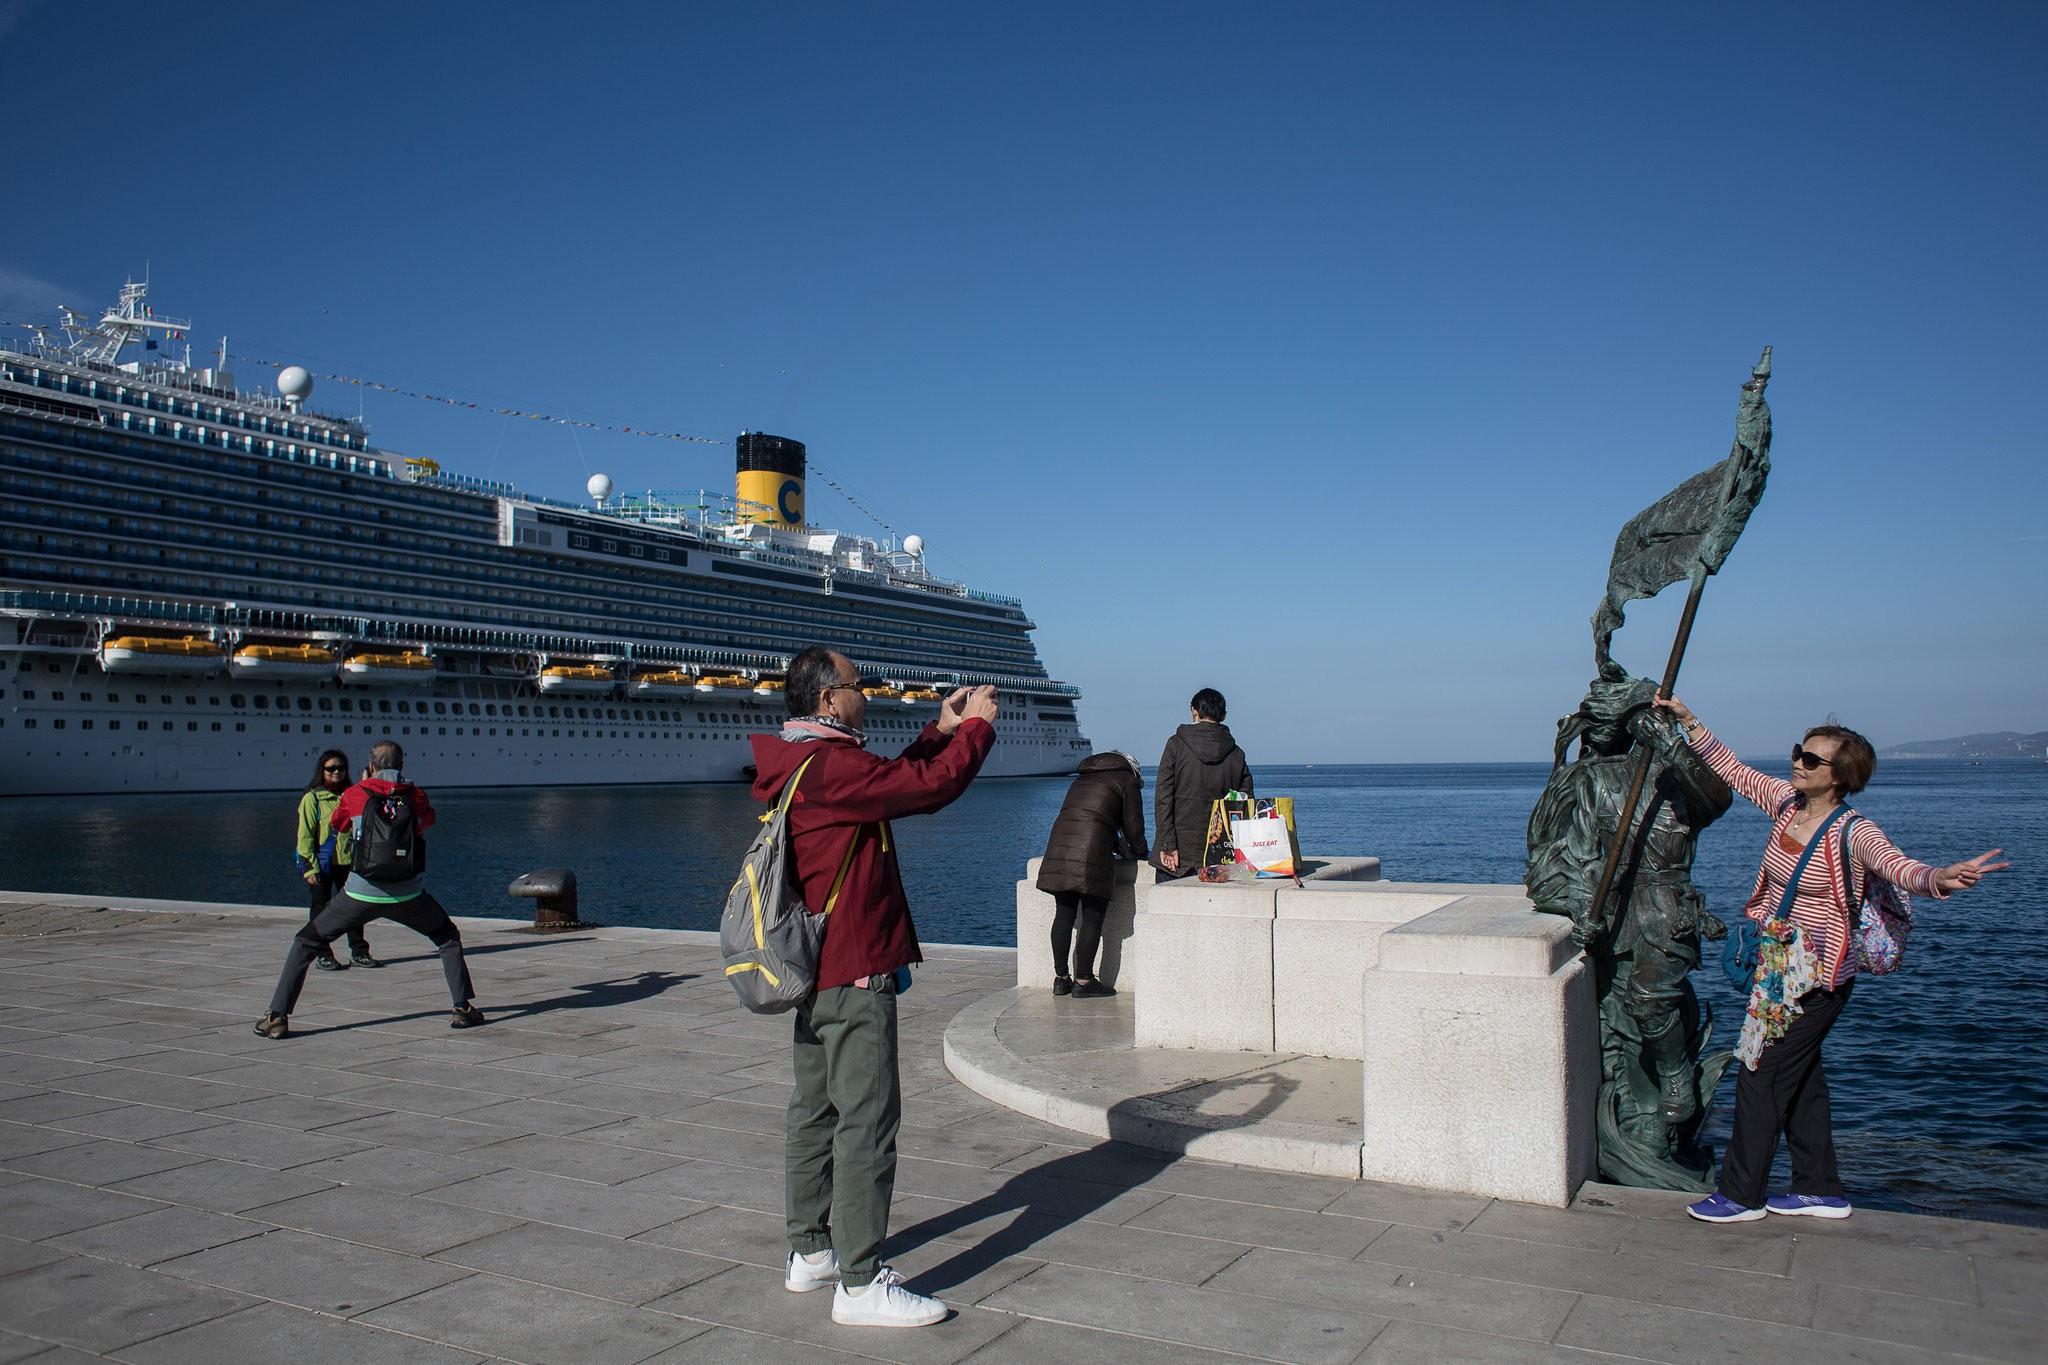 Забытый итальянский порт может стать китайскими воротами в Европу